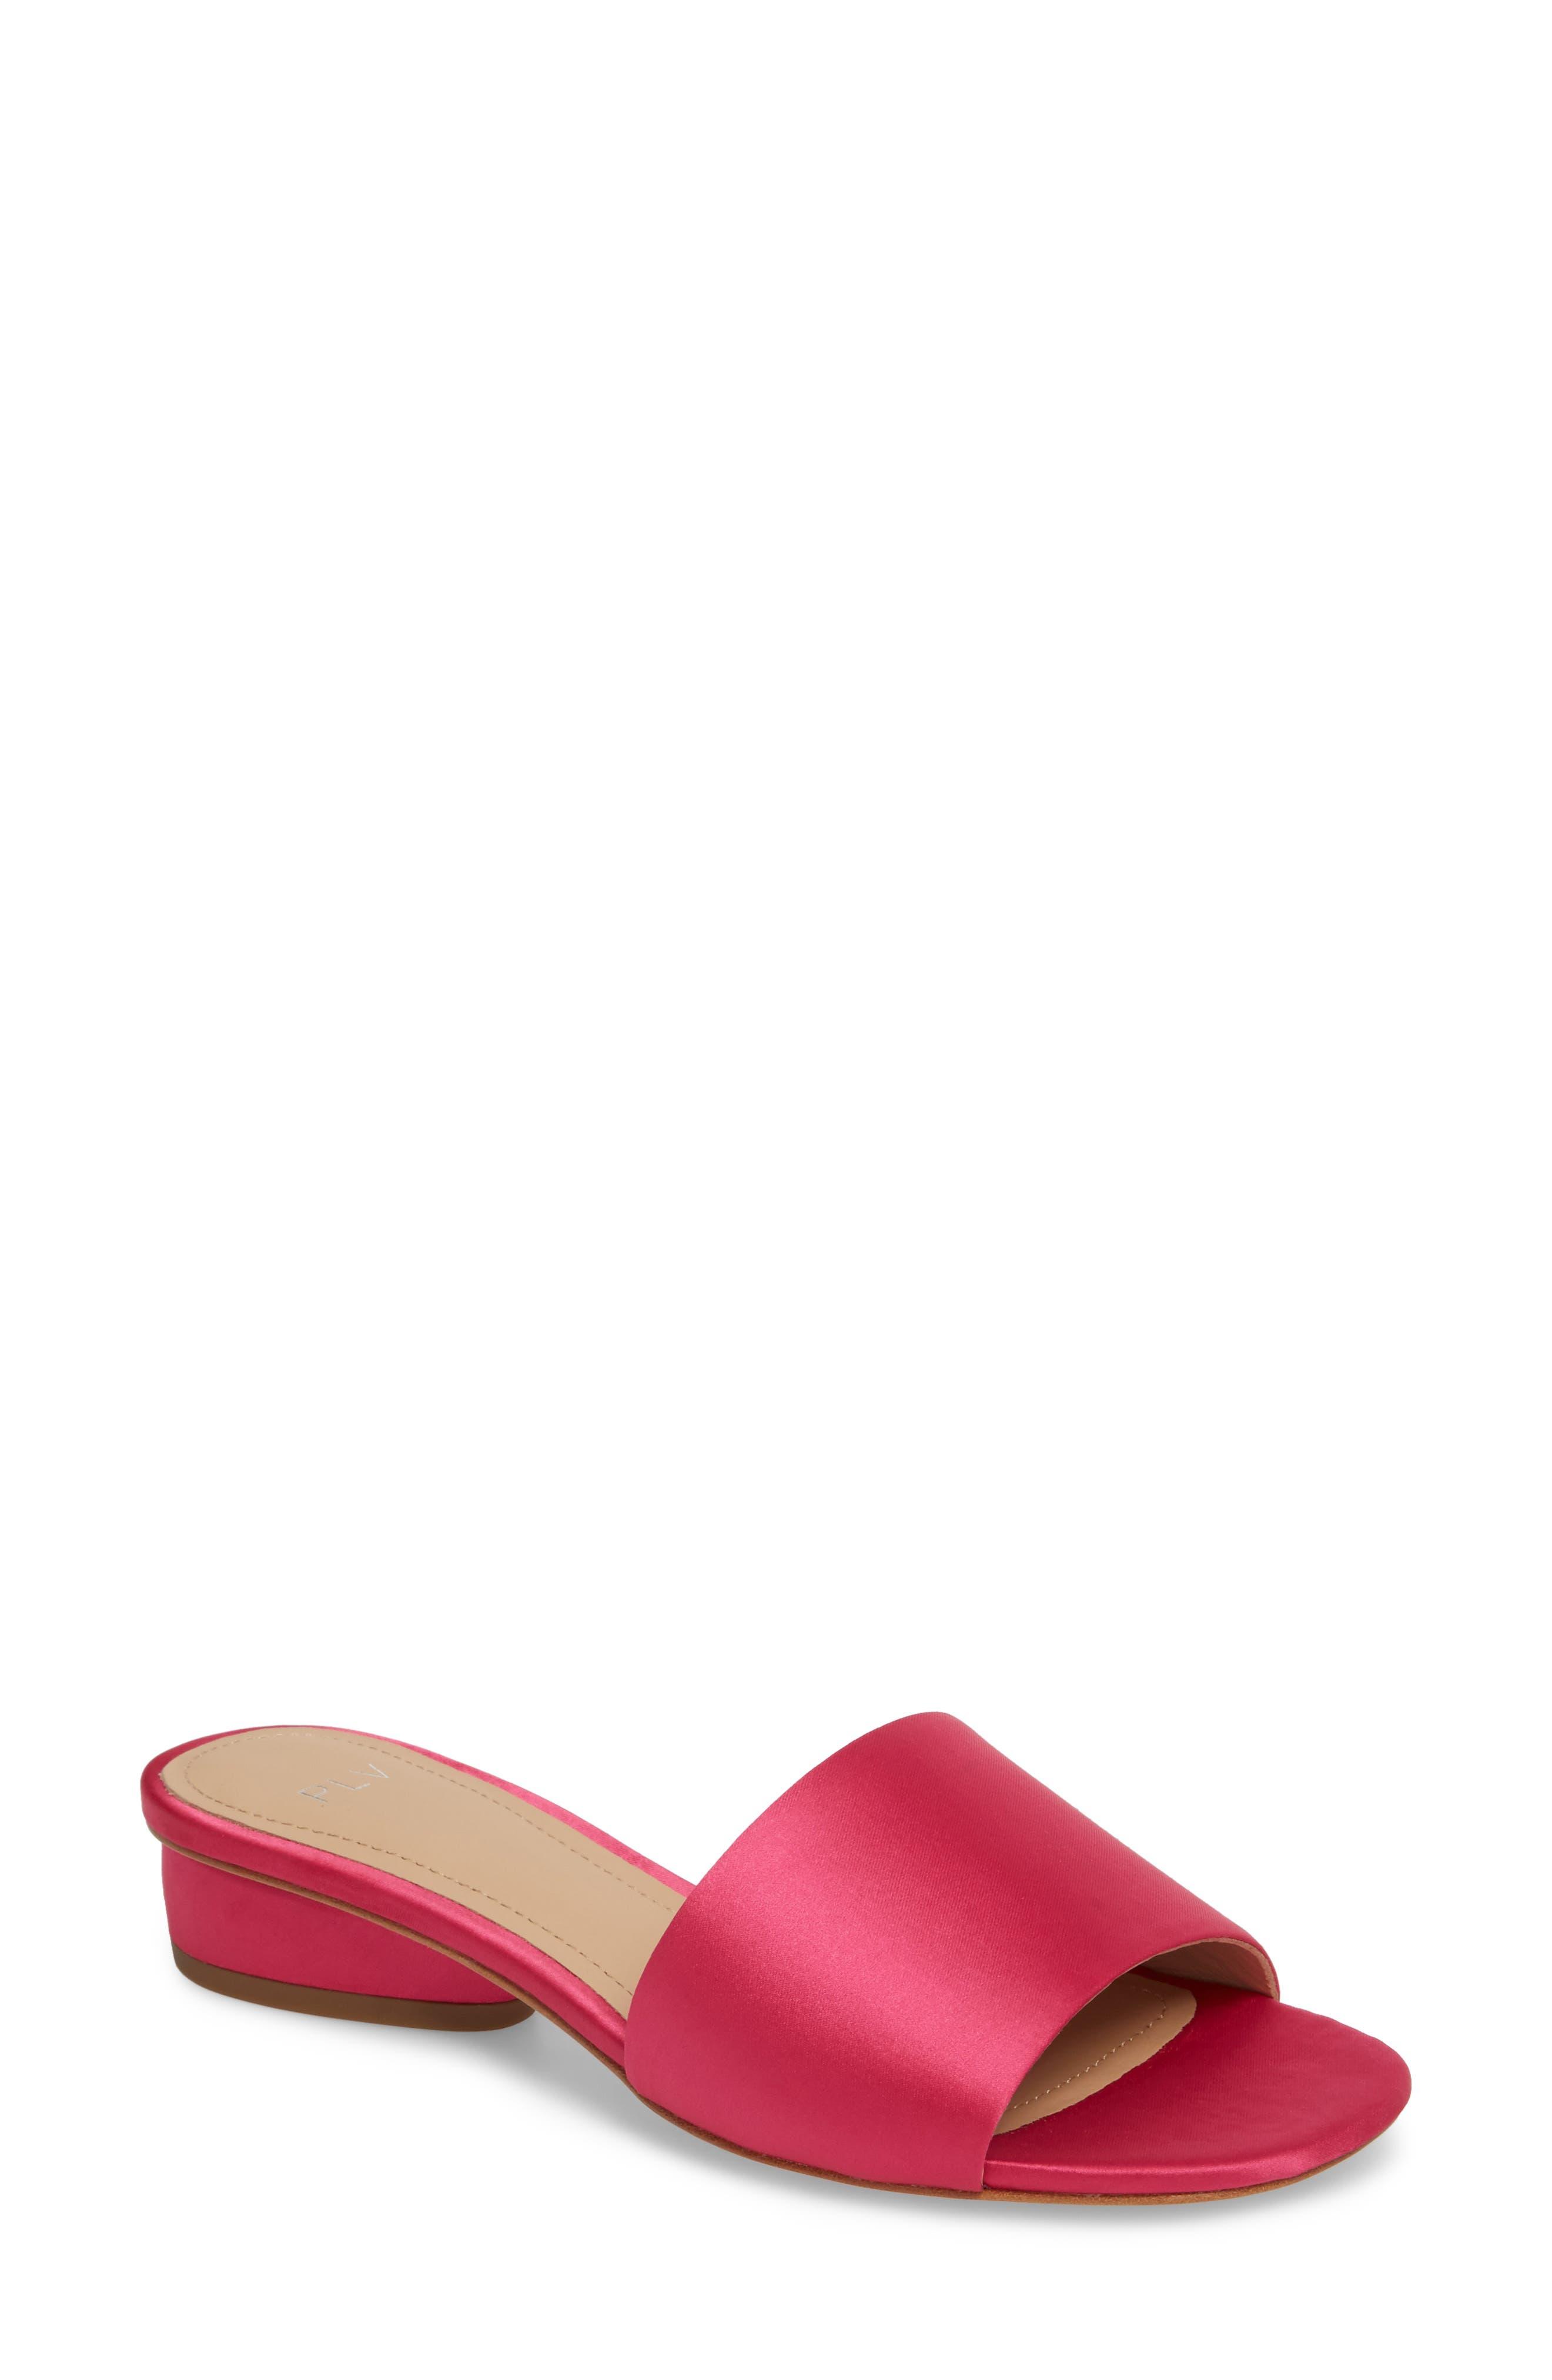 Women's Mallory Slide Sandal